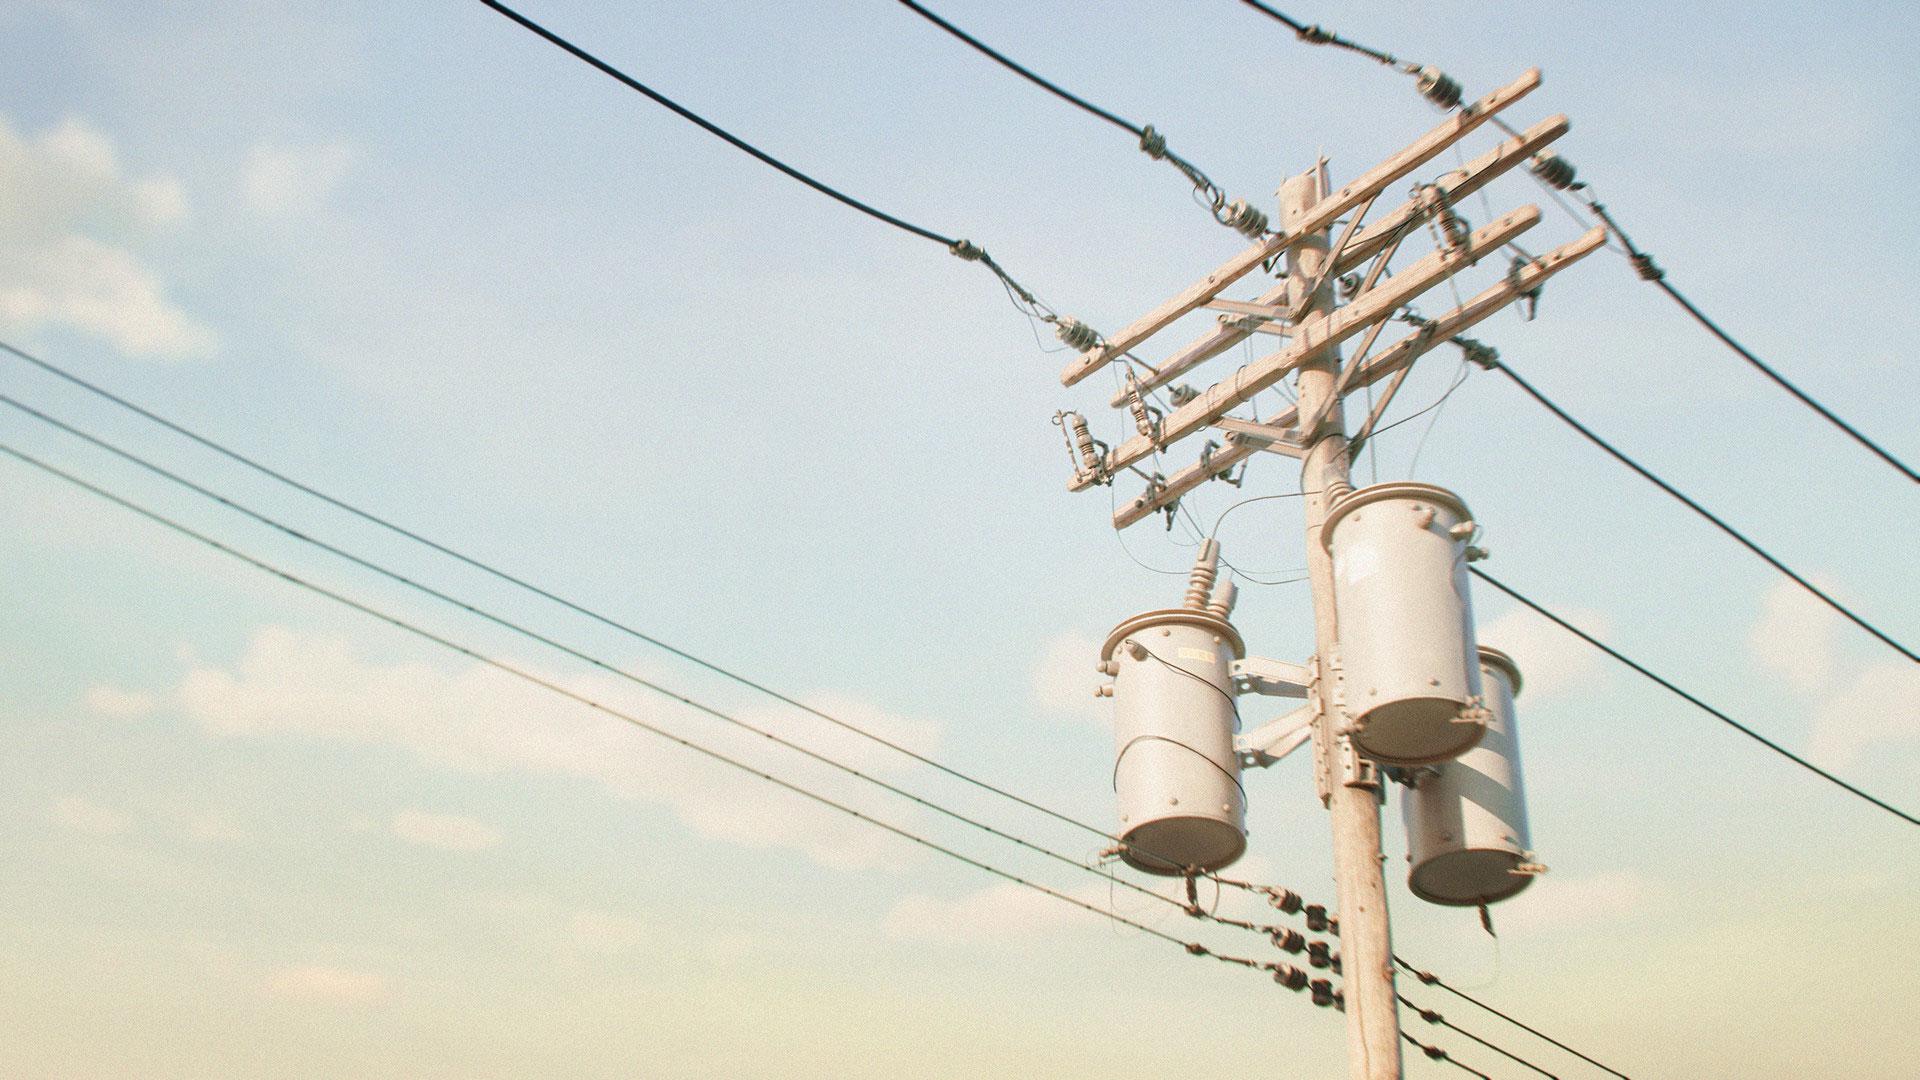 utilitypole_still